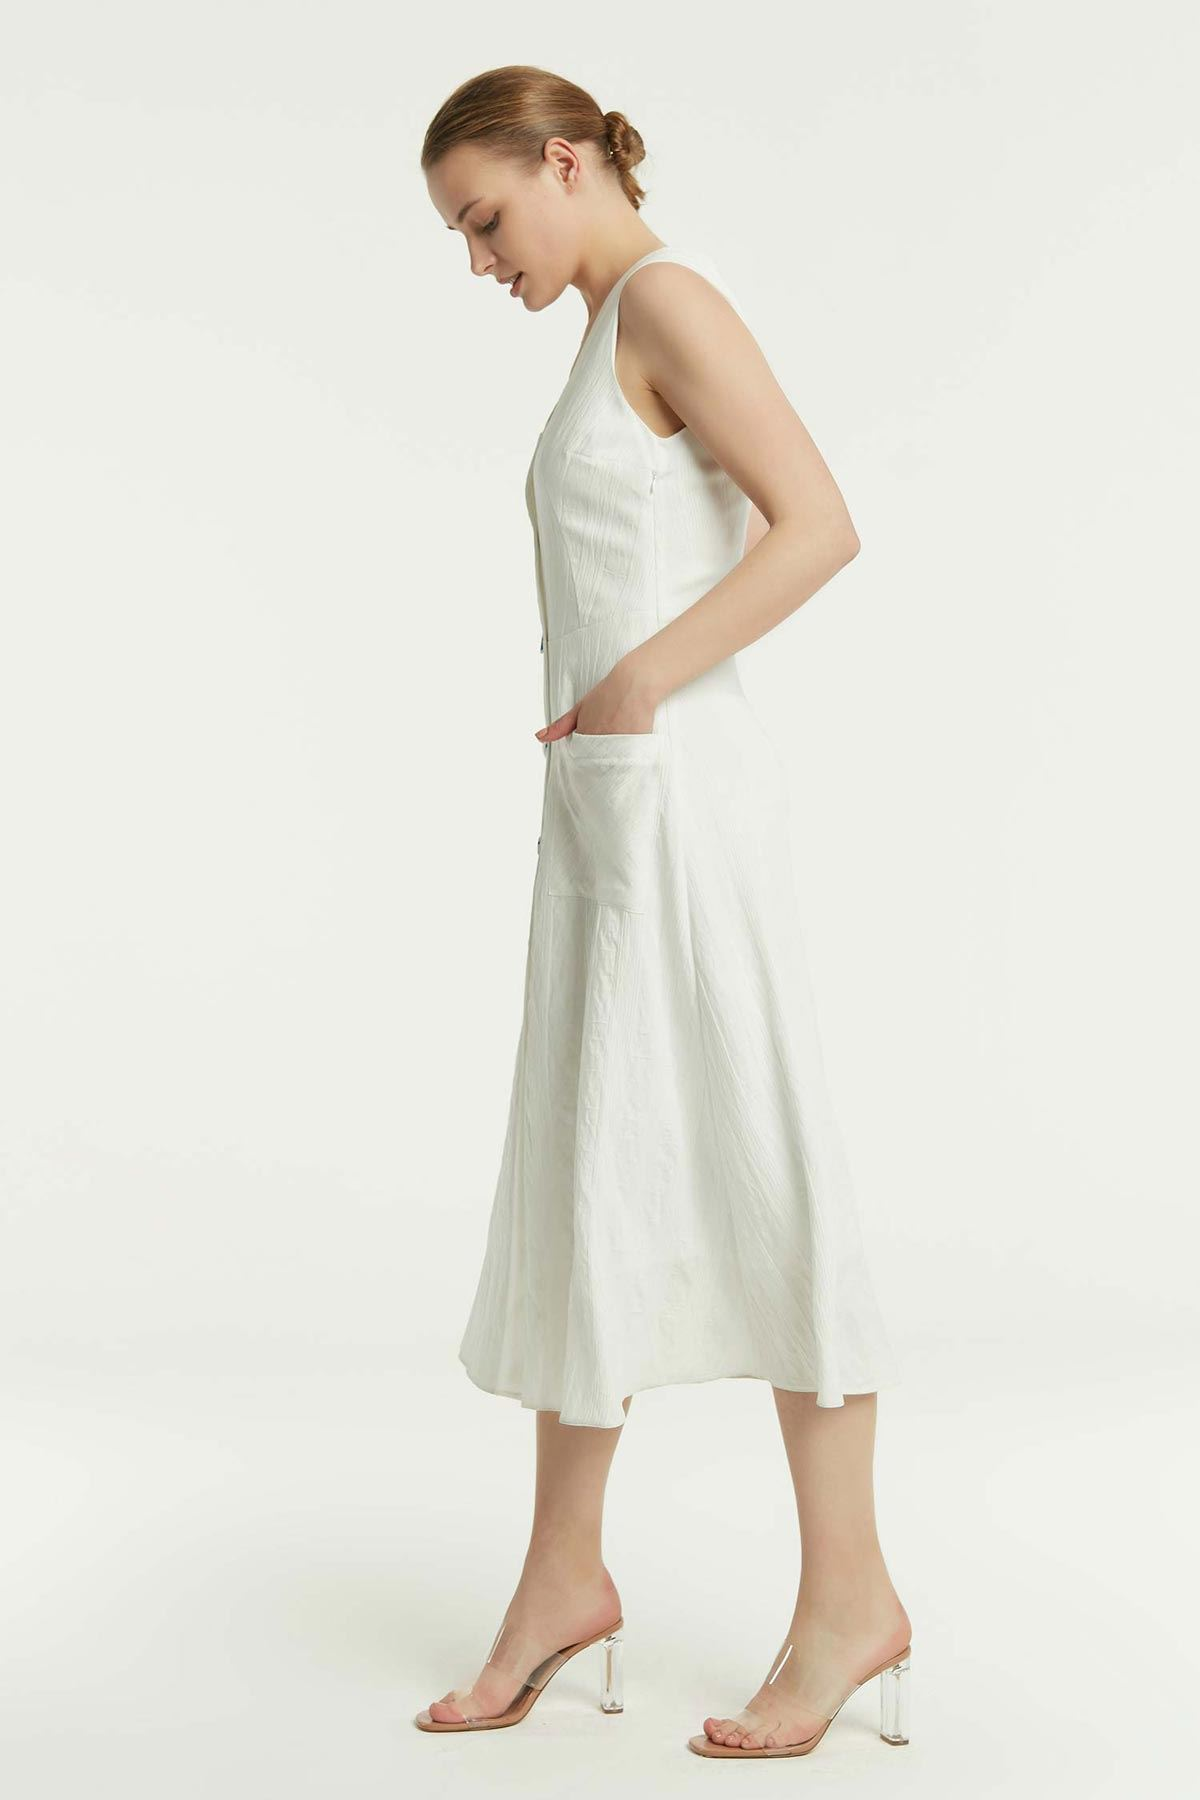 Düğme Kapama Kolsuz Elbise Beyaz